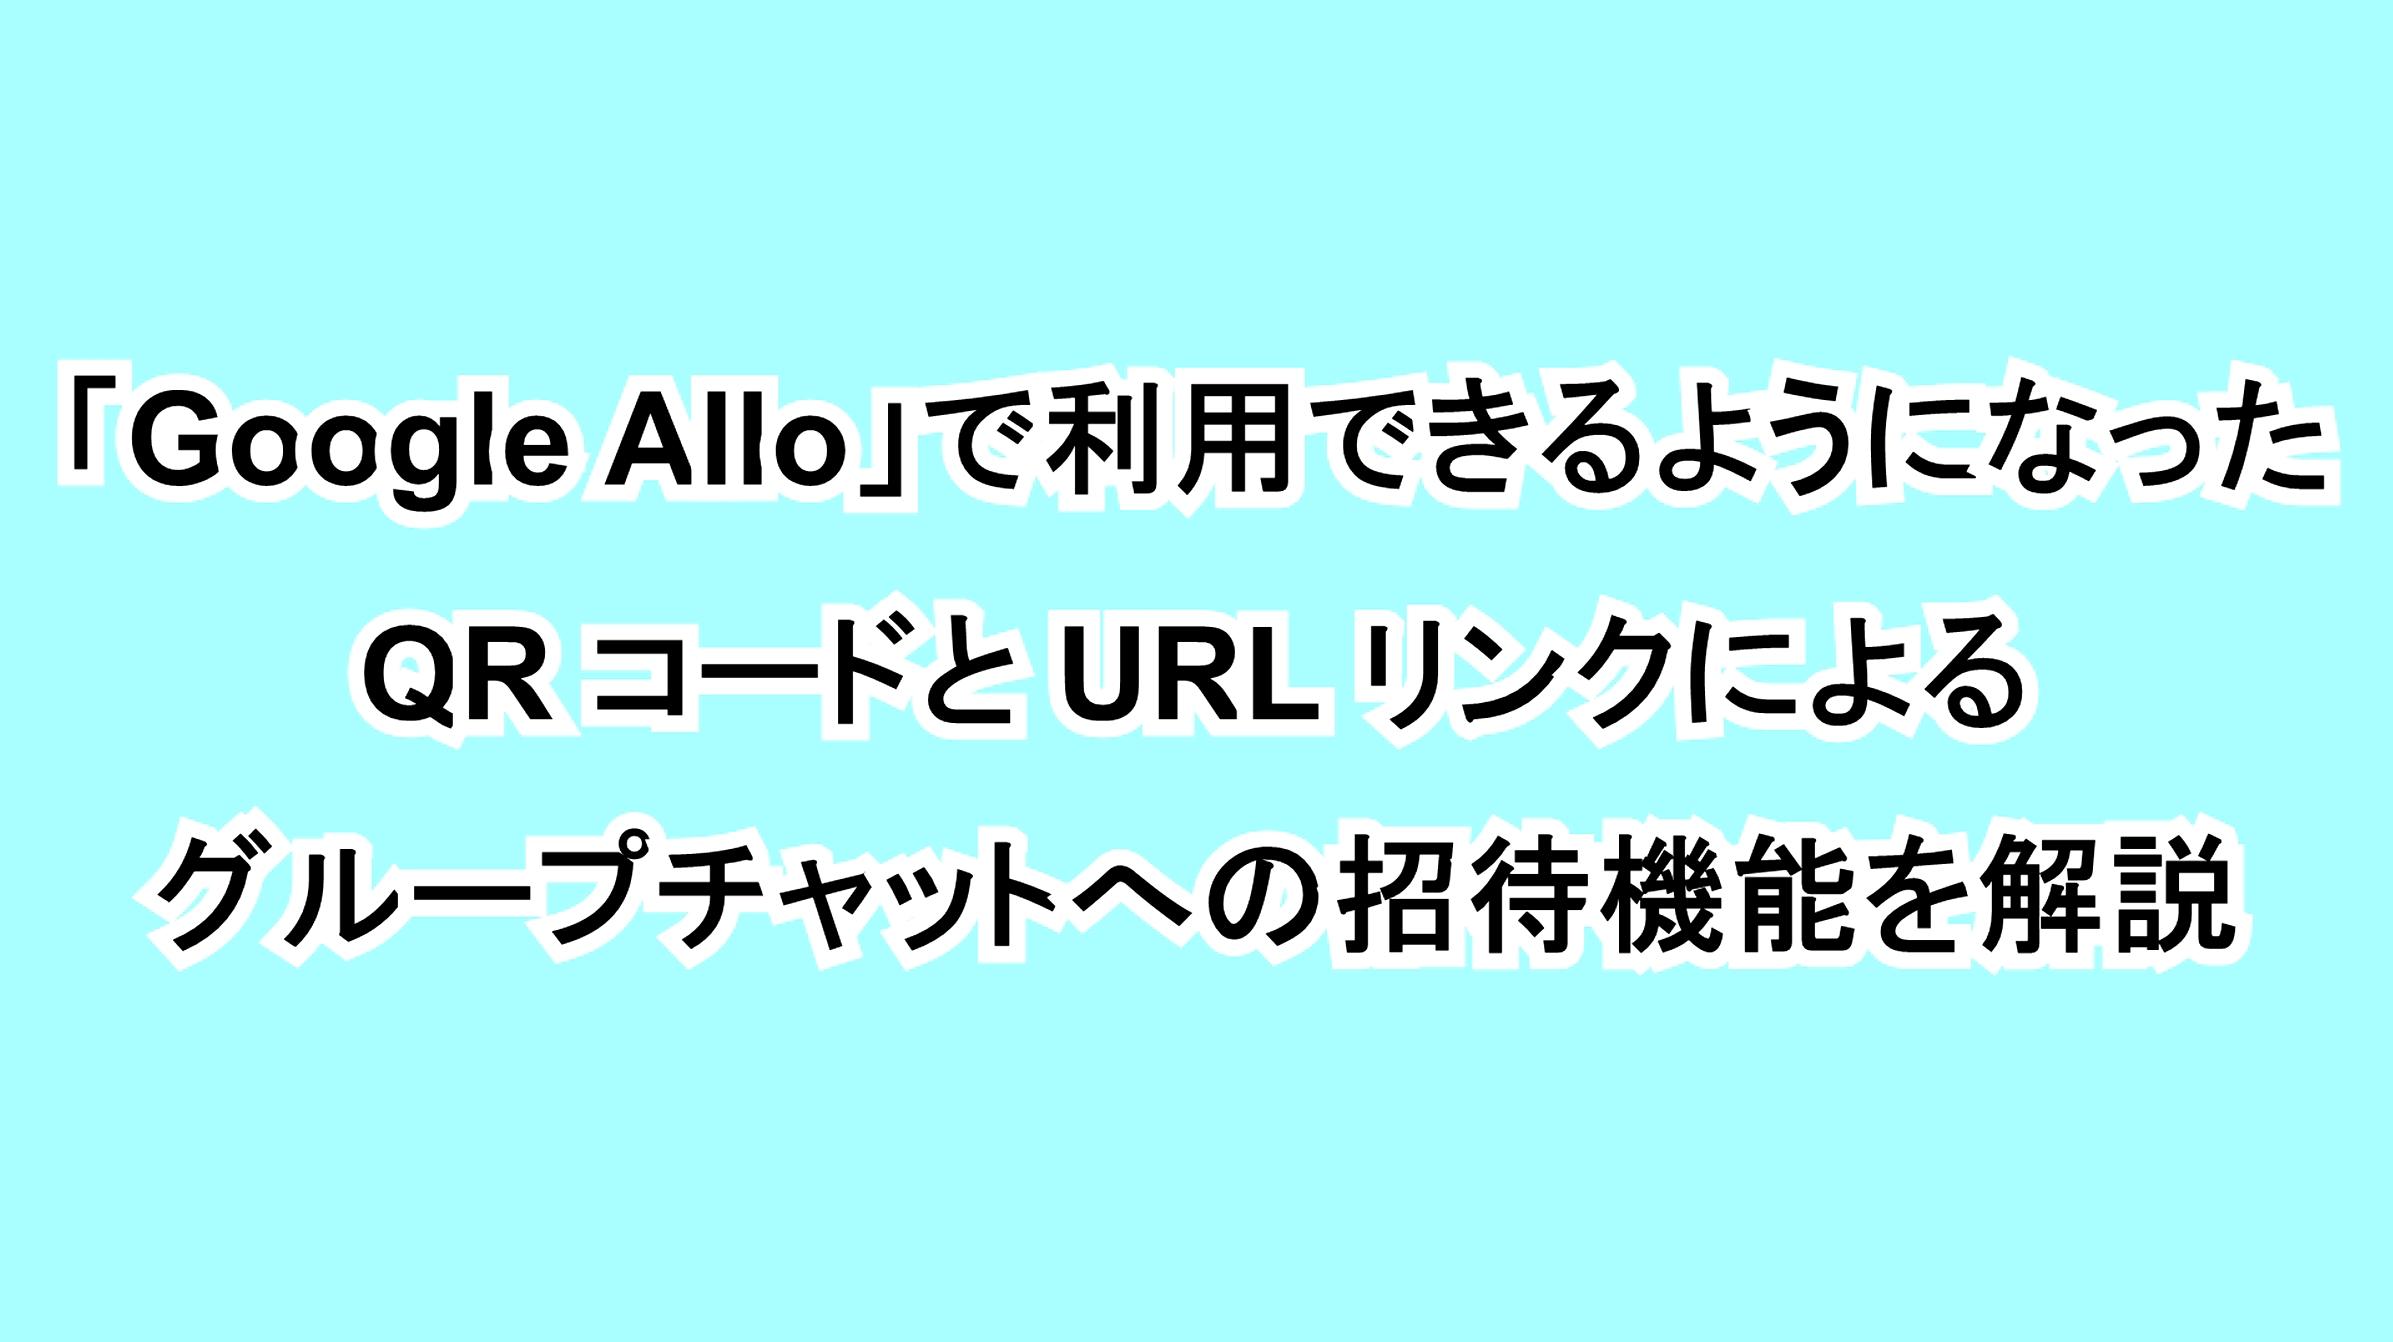 「Google Allo」で利用できるようになったQRコードとURLリンクによるグループチャットへの招待機能を解説